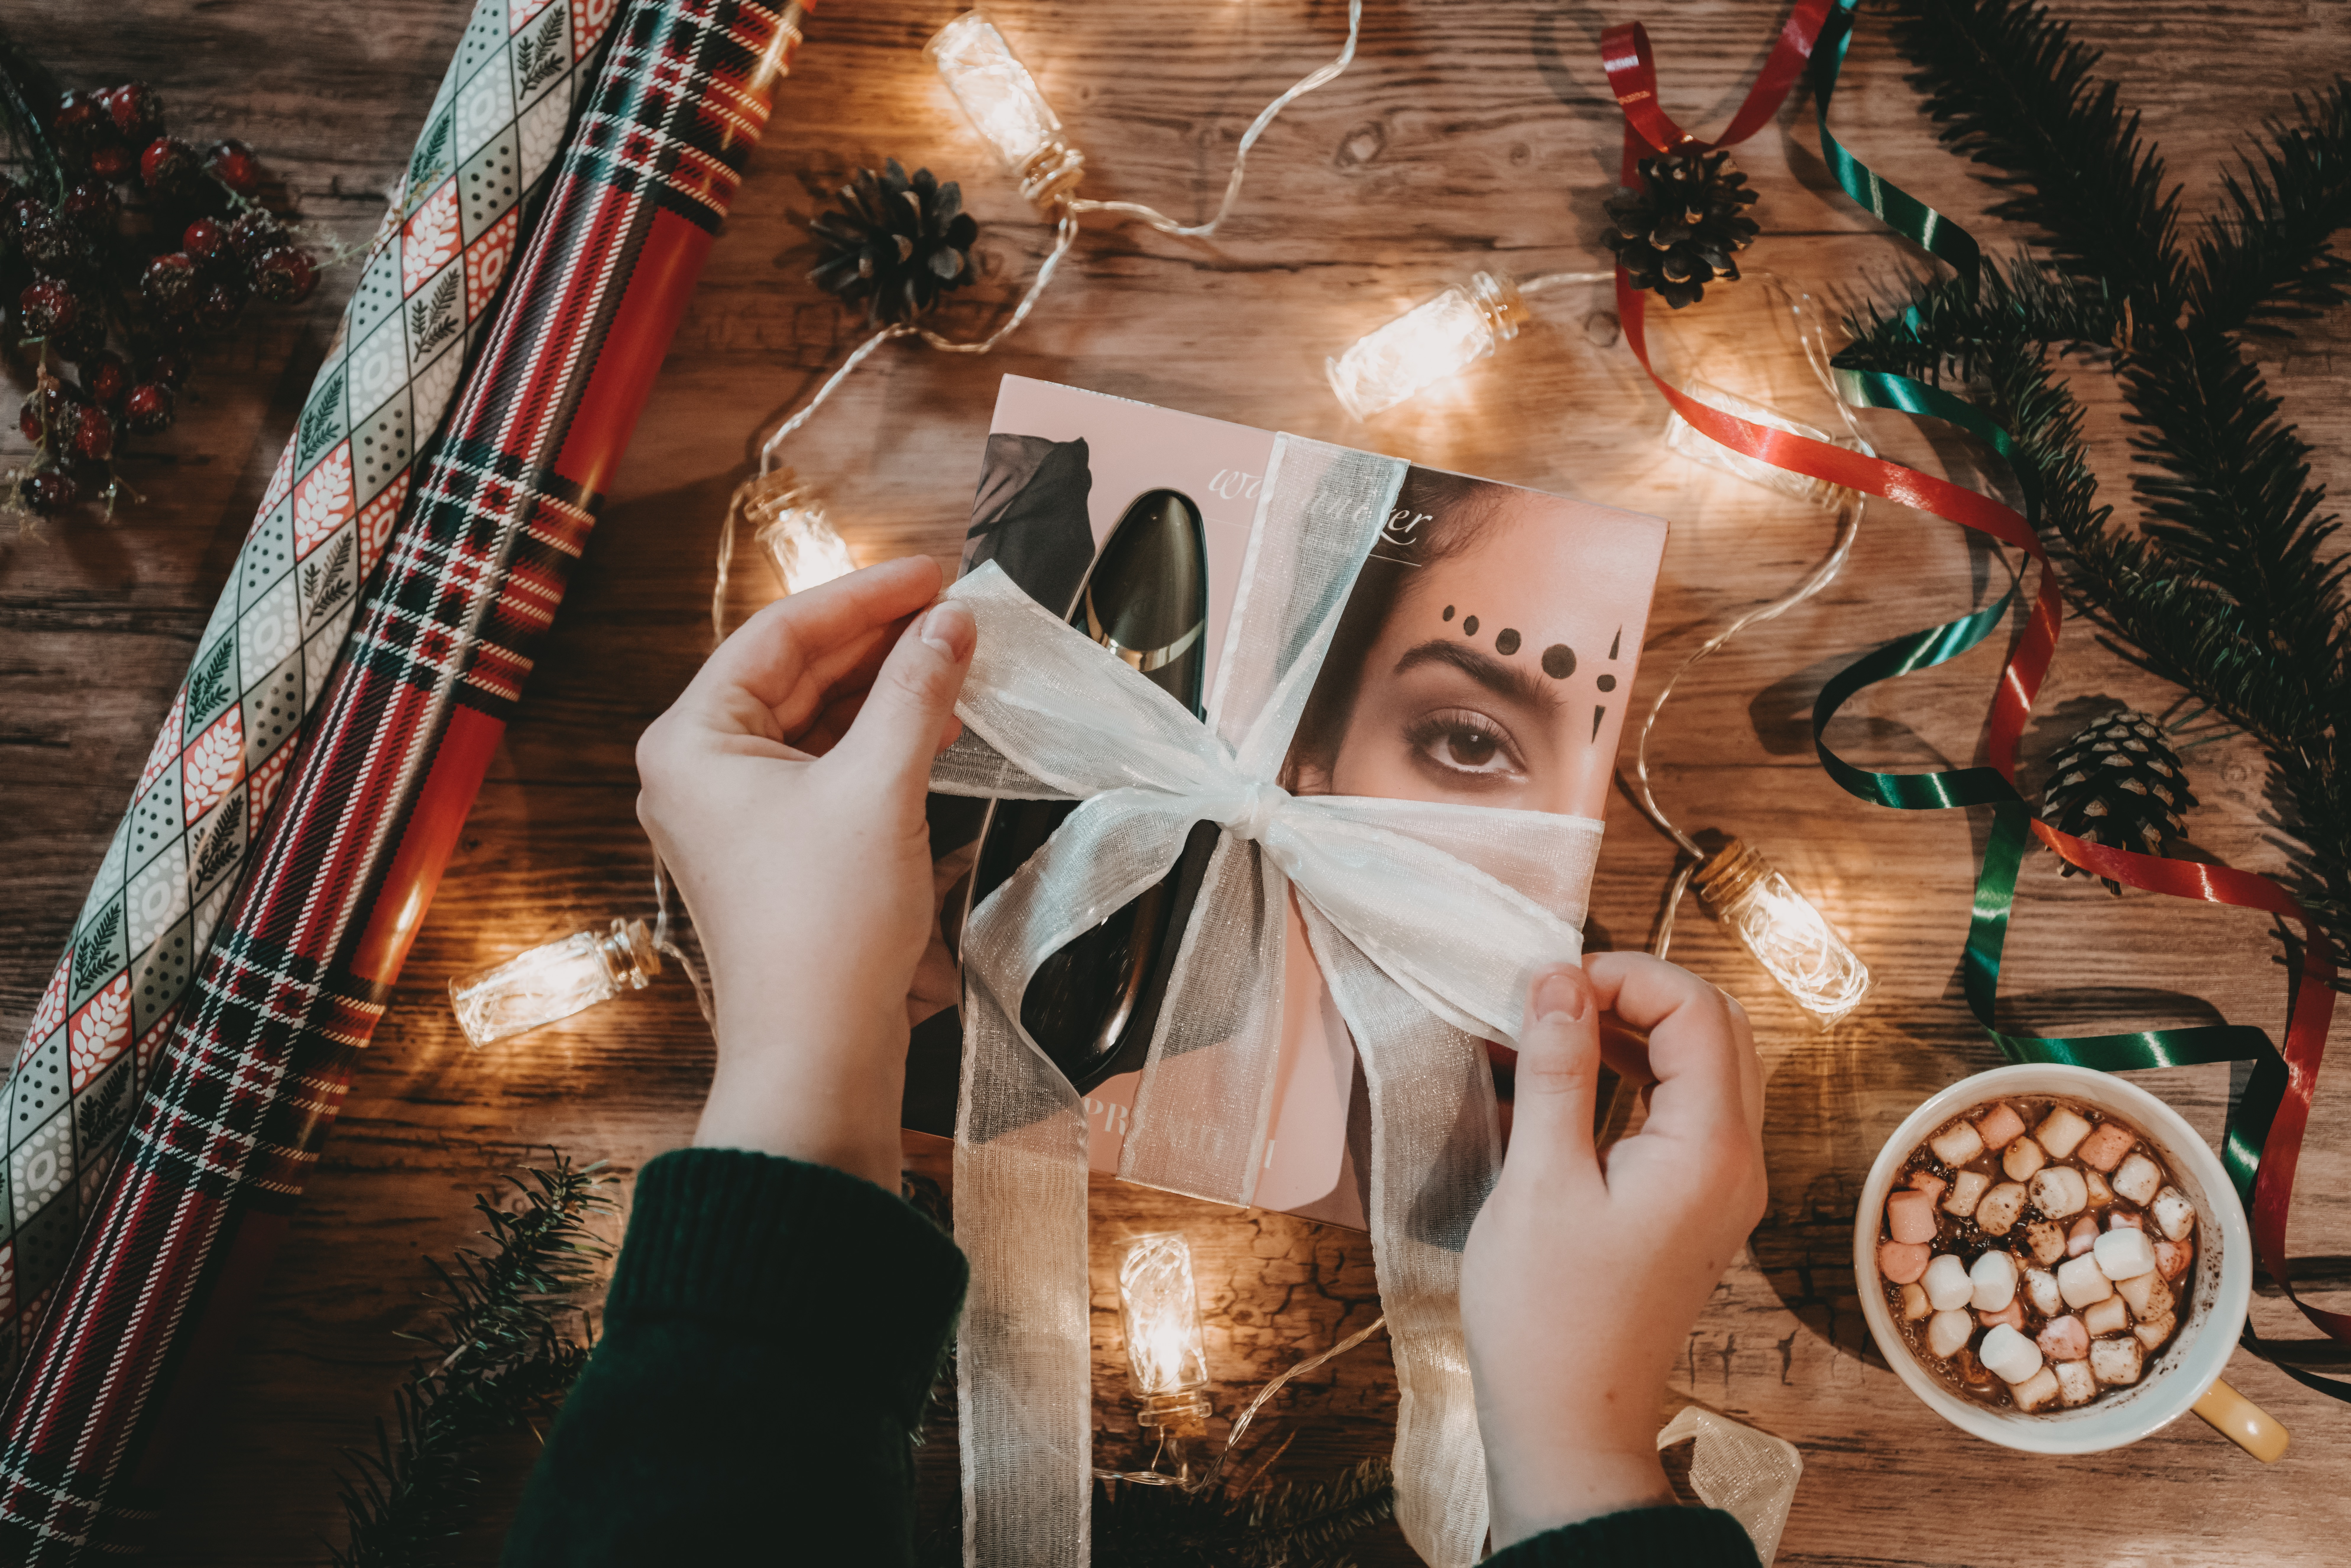 Andere Weihnachtsgeschenke.Das Etwas Andere Weihnachtsgeschenk Annasding